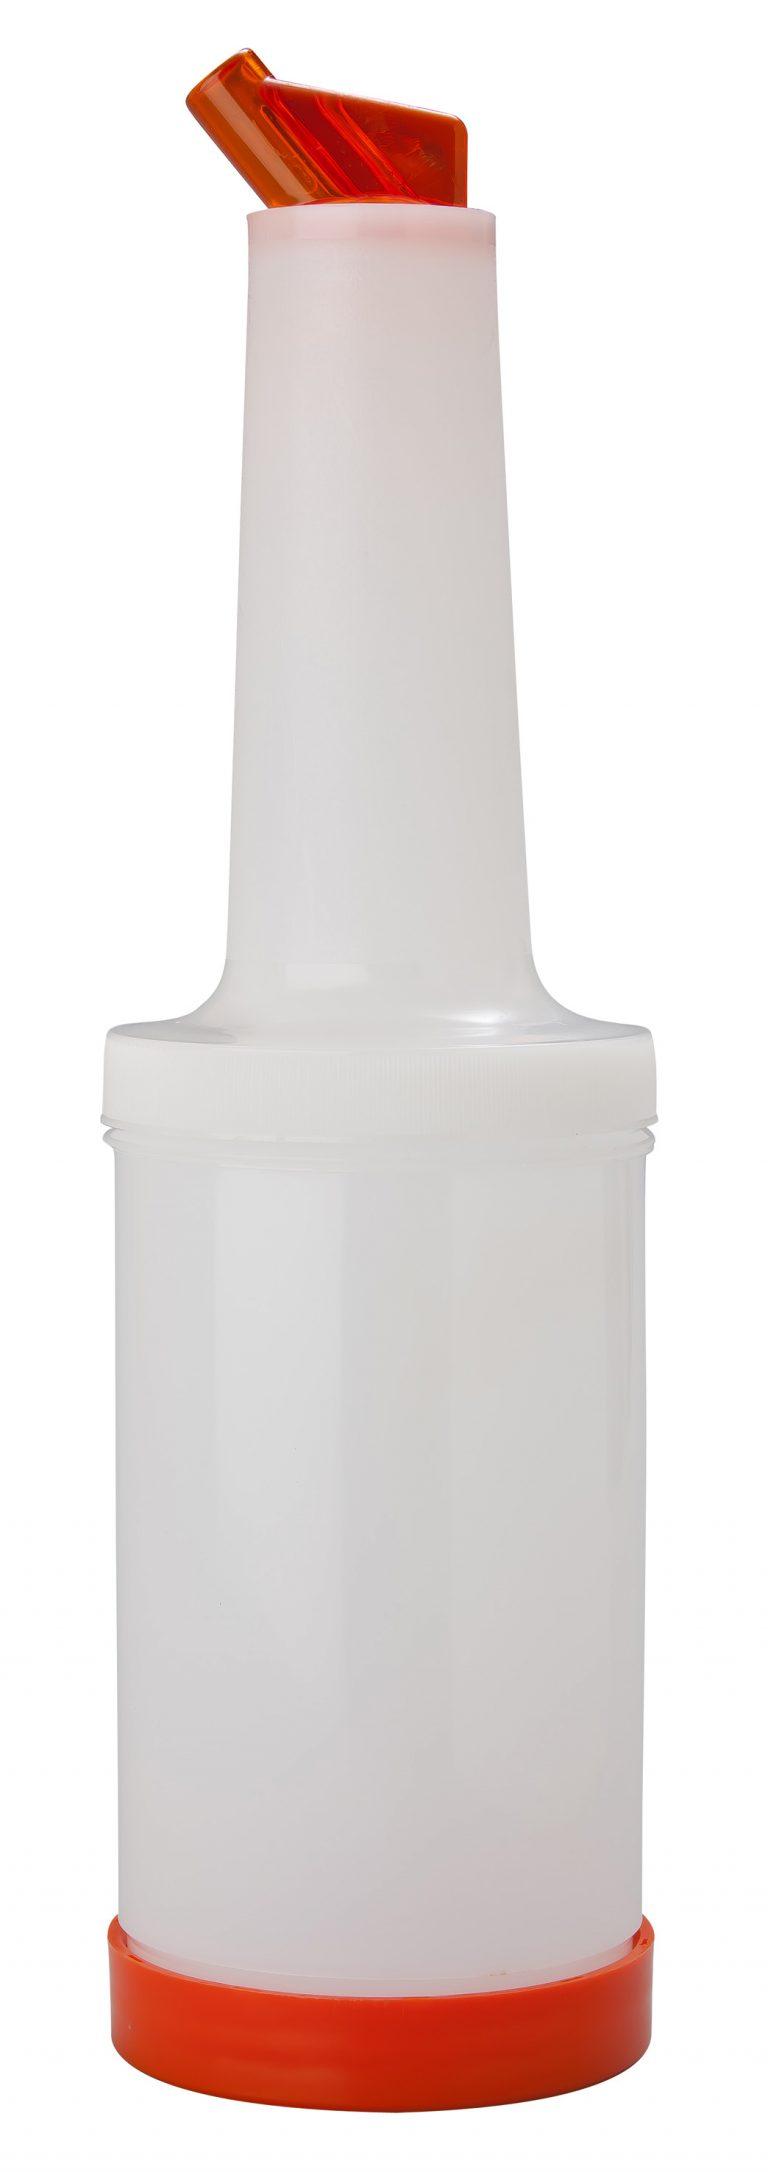 Save & Pour Bottle - Orange